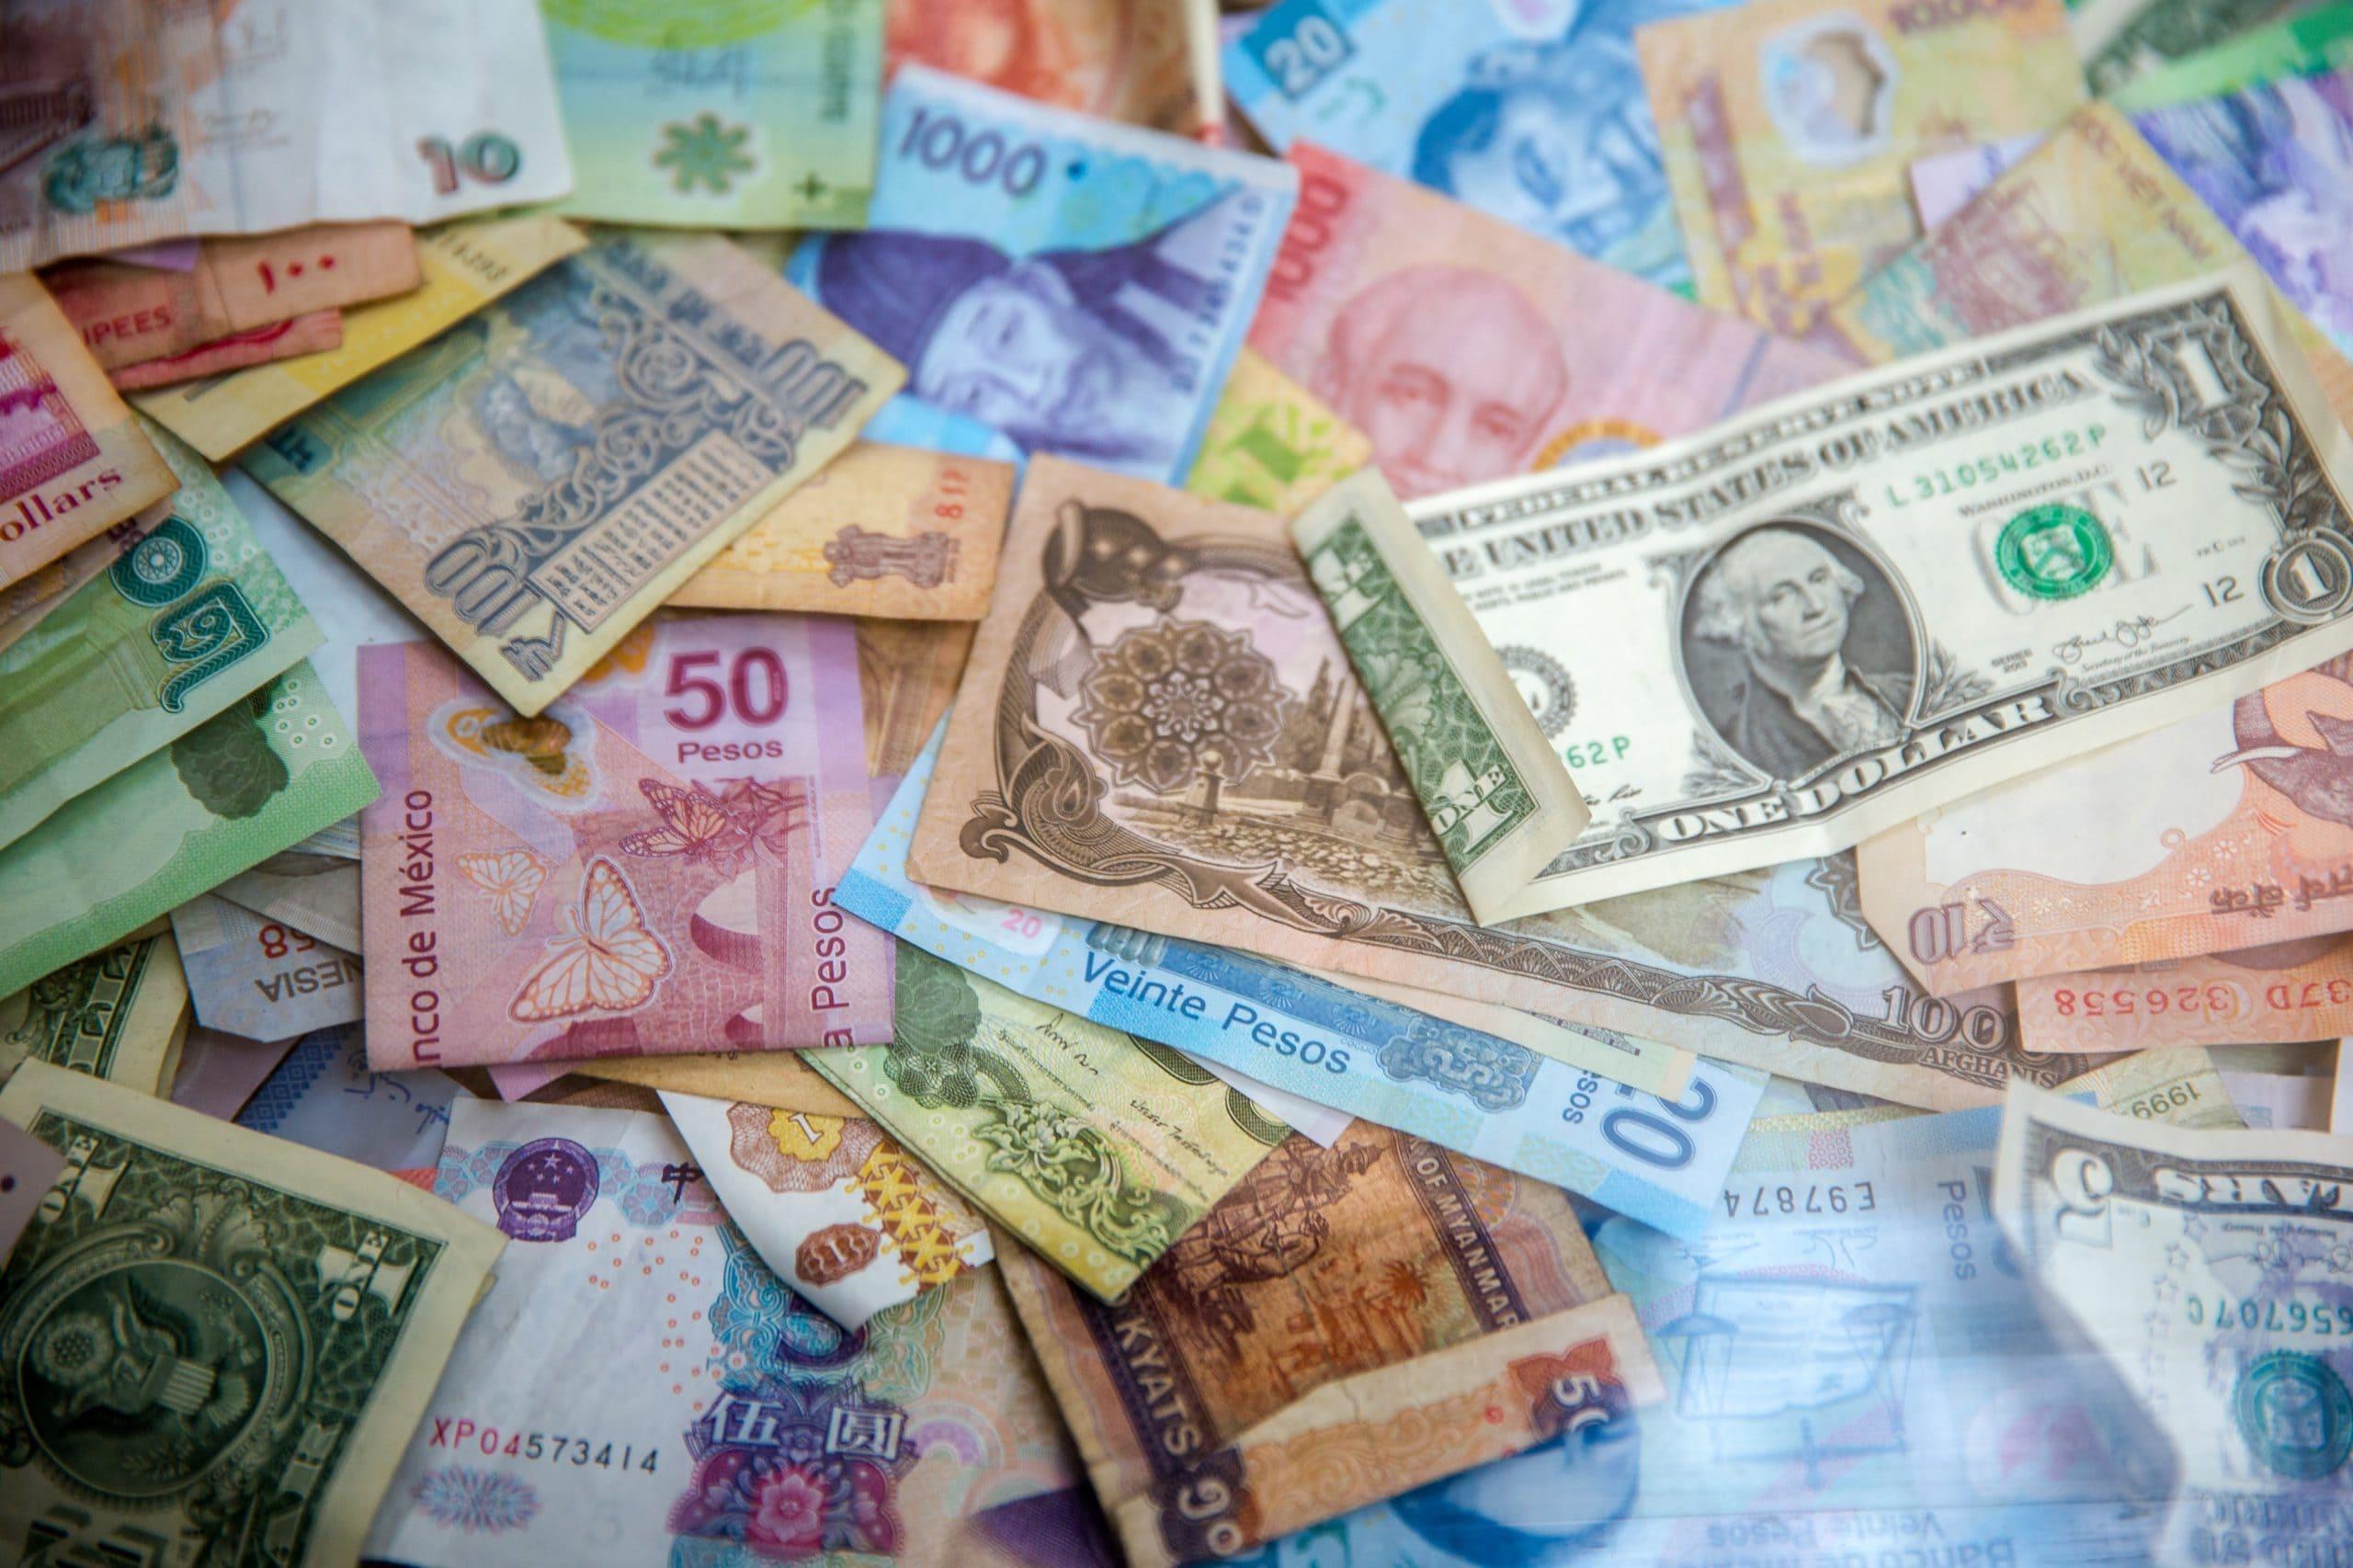 海外送金の手数料や安い方法・サービス比較まで コルレス契約や中継銀行、PaypalやTransferWiseの特徴を解説